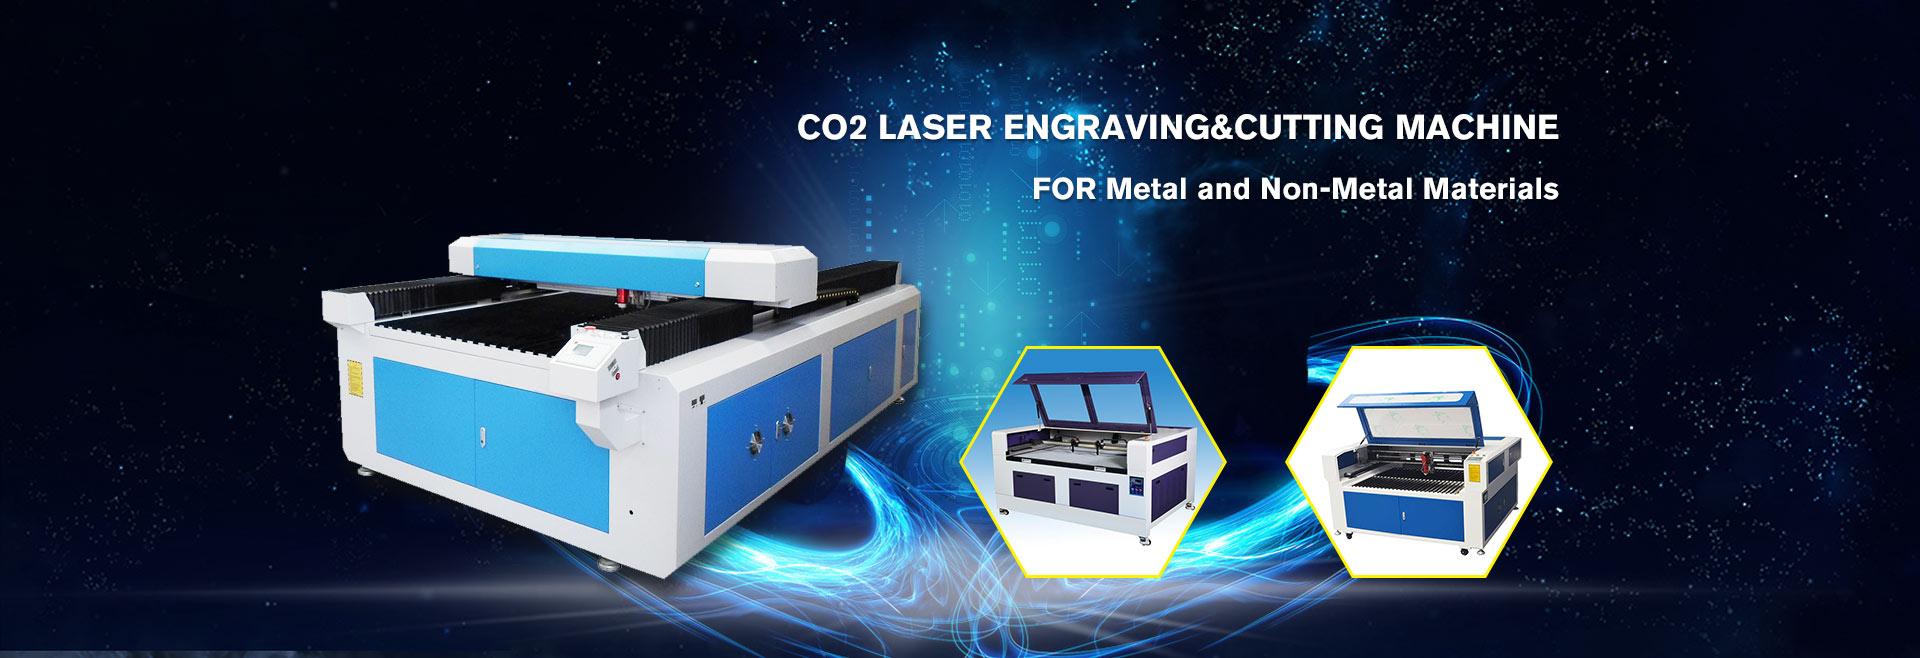 CO2 Laser Engraving&Cutting Machine